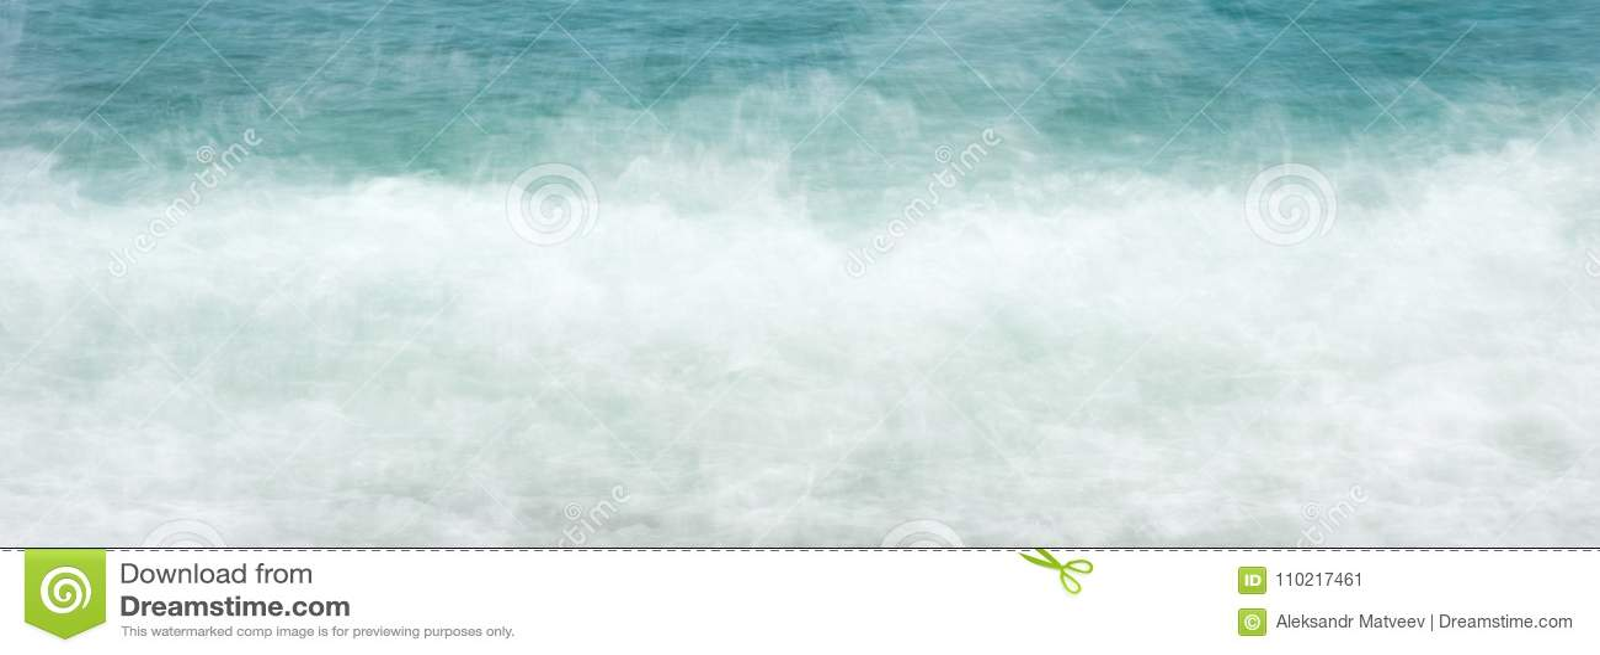 Sieć sztandaru wody morskiej fala piankowy tło